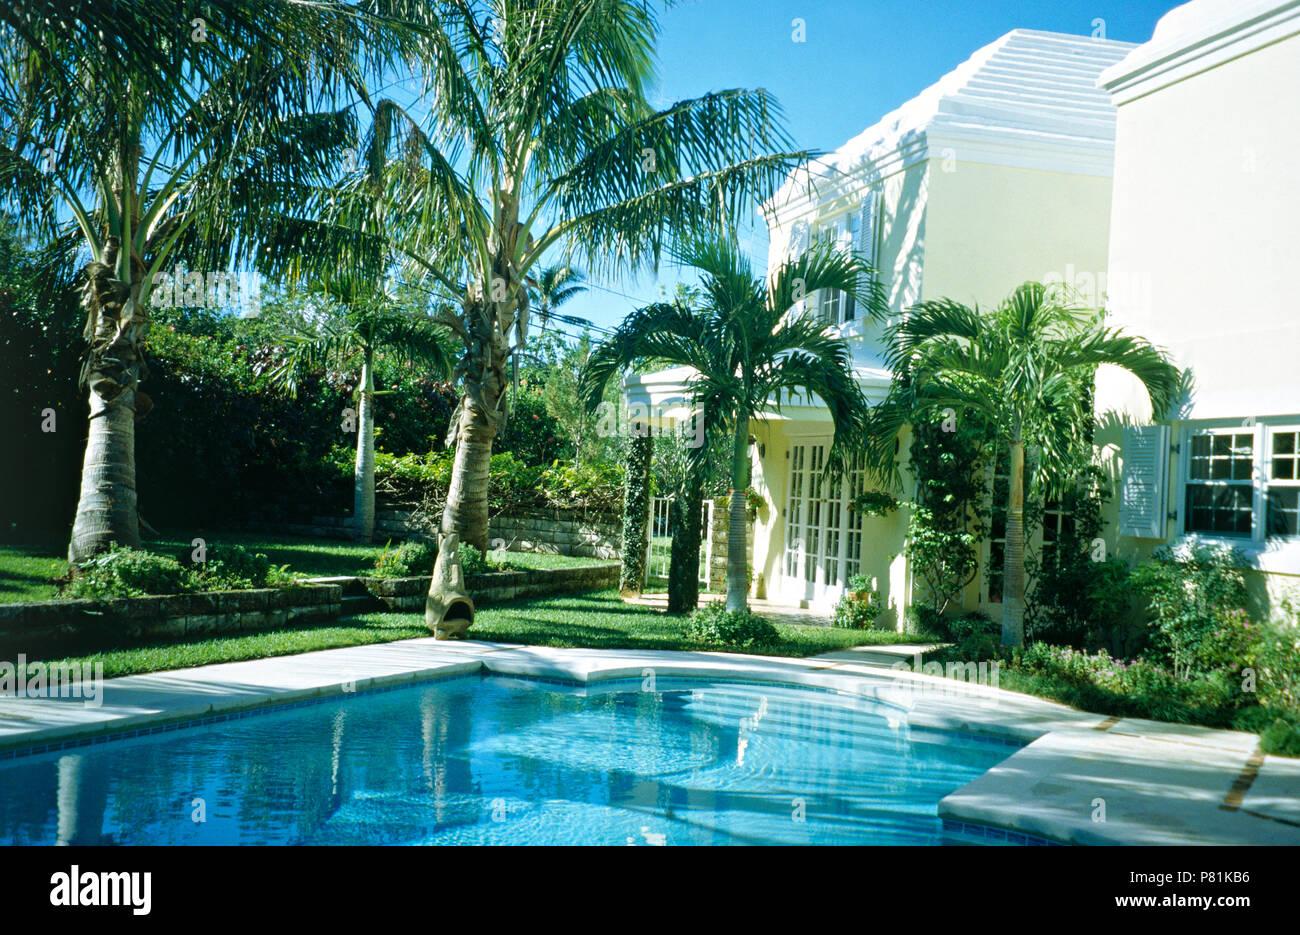 Türkisfarbenen Pool gesäumt mit Palmen im Garten von moderne Villa Fotos